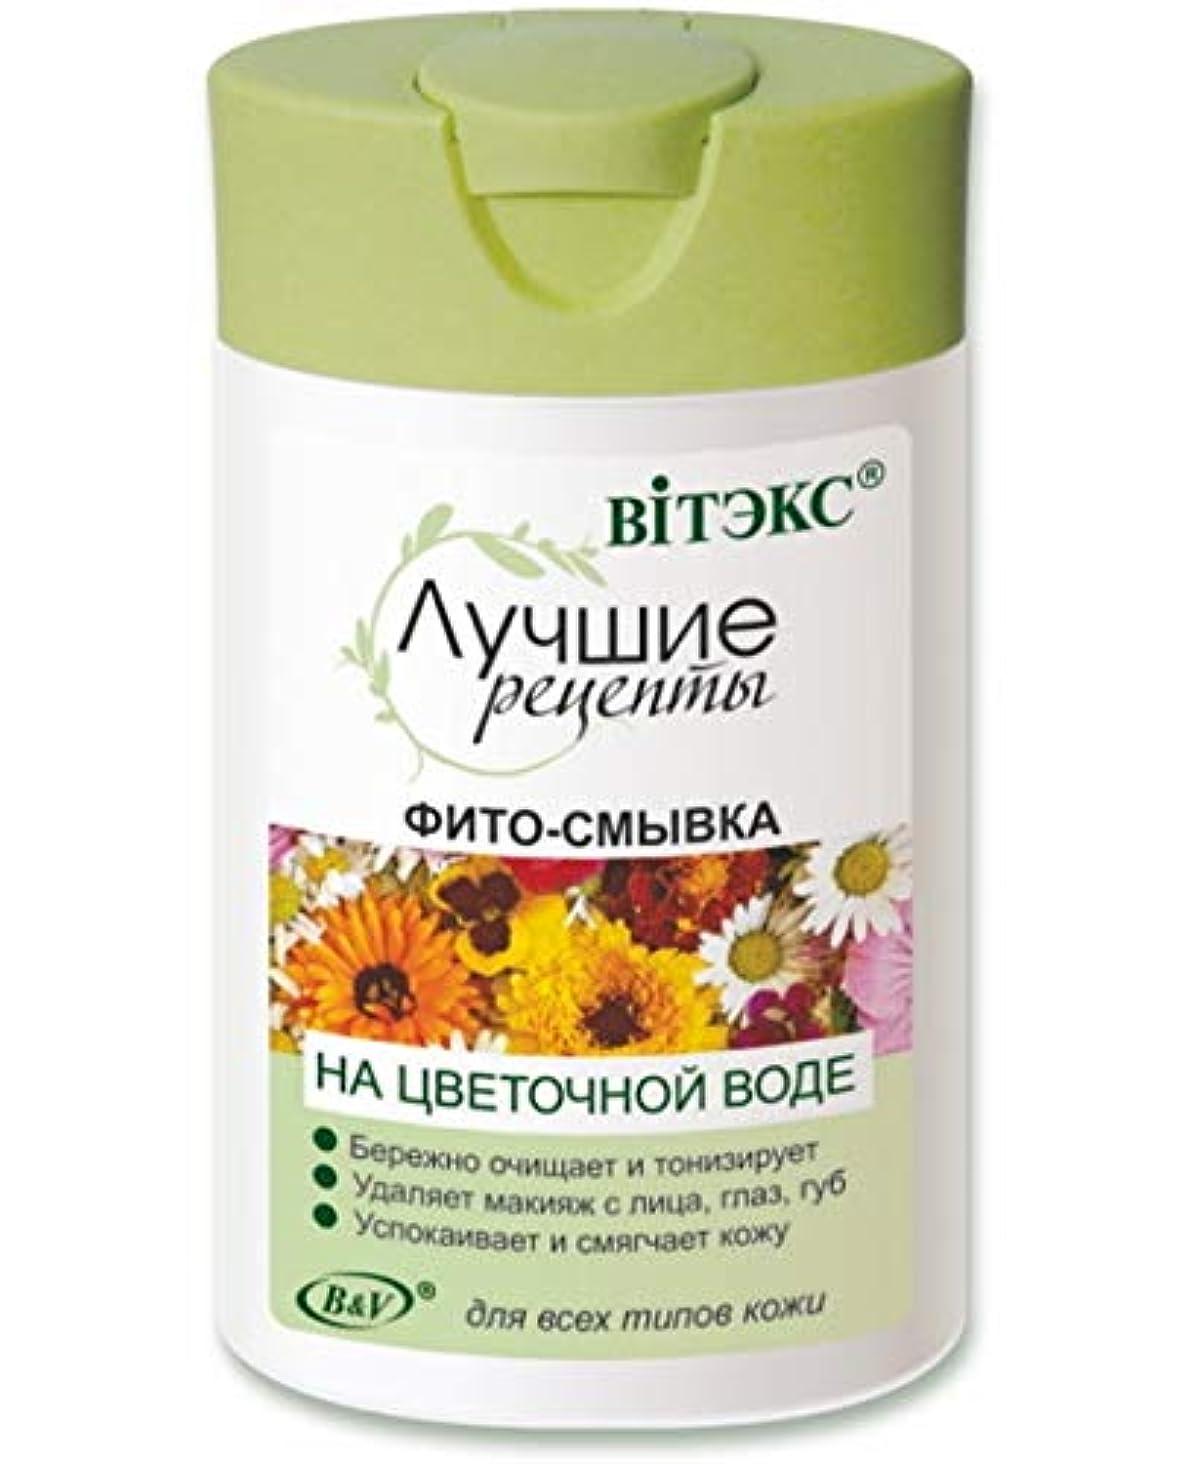 発生器後世速度Bielita & Vitex Best Recipes Line | Flower Water Phyto Make-Up Remover for All Skin Types, 145 ml | Cornflower, Calendula, Chamomile, Tansy, Rose and Moringa Extracts, Vitamins